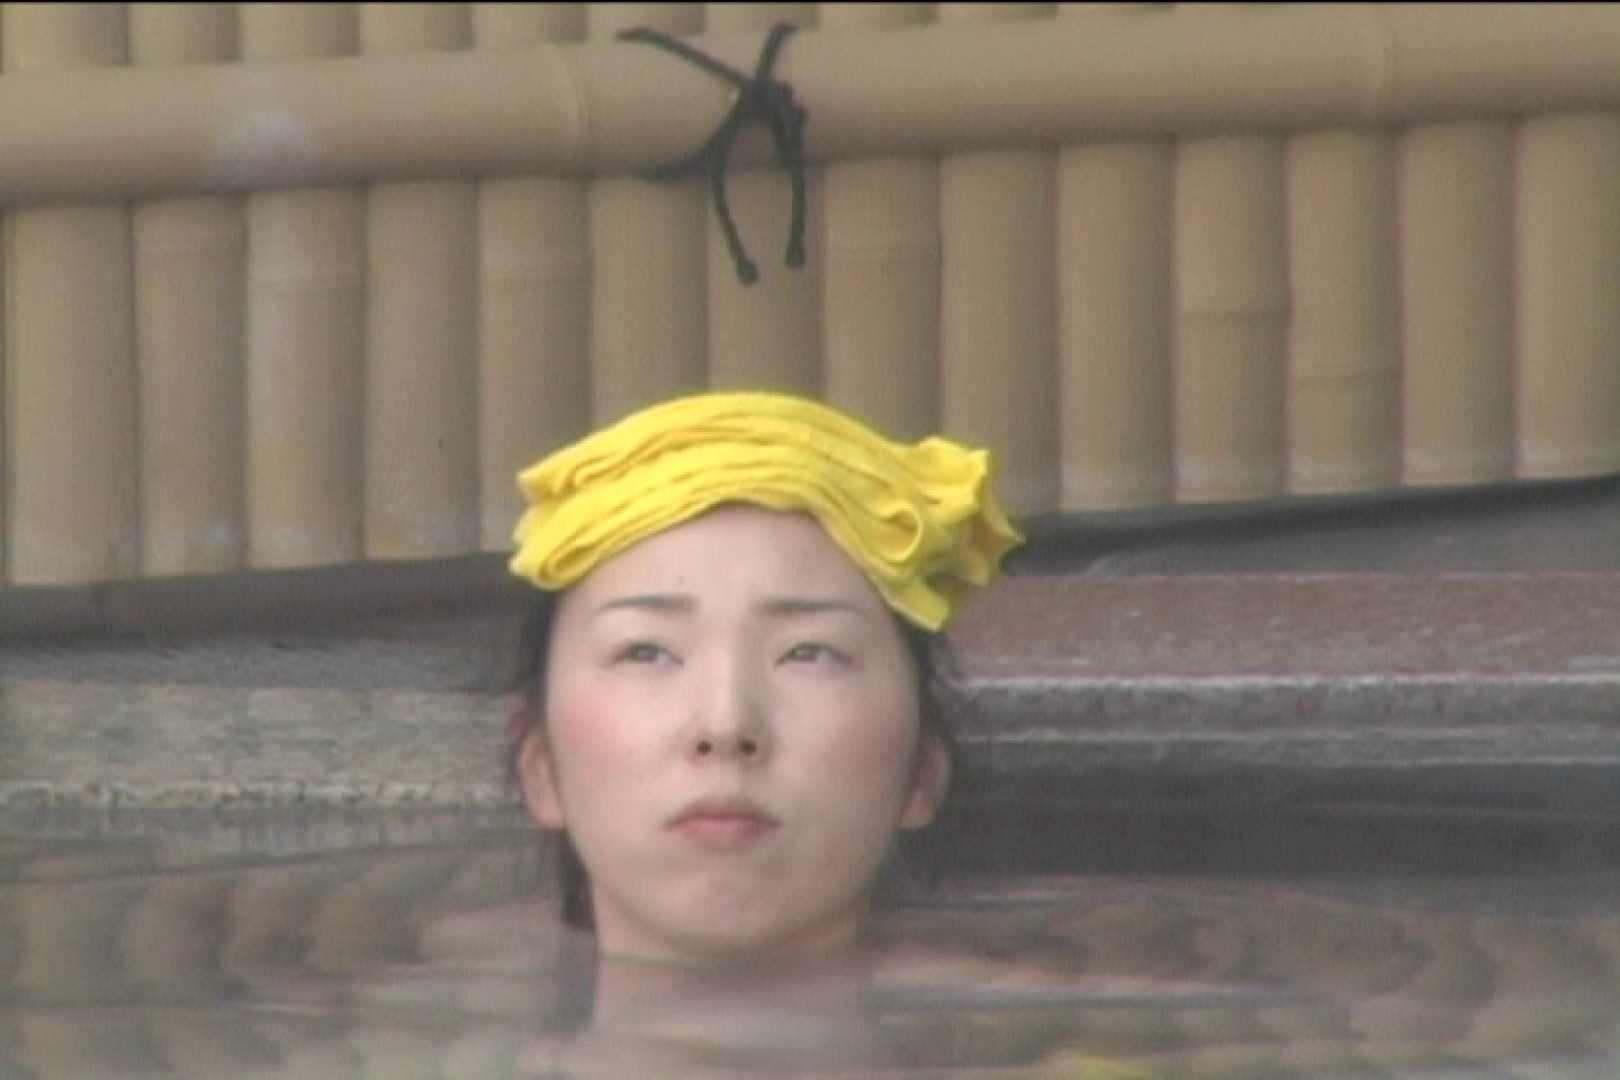 Aquaな露天風呂Vol.529 盗撮シリーズ  106PIX 106